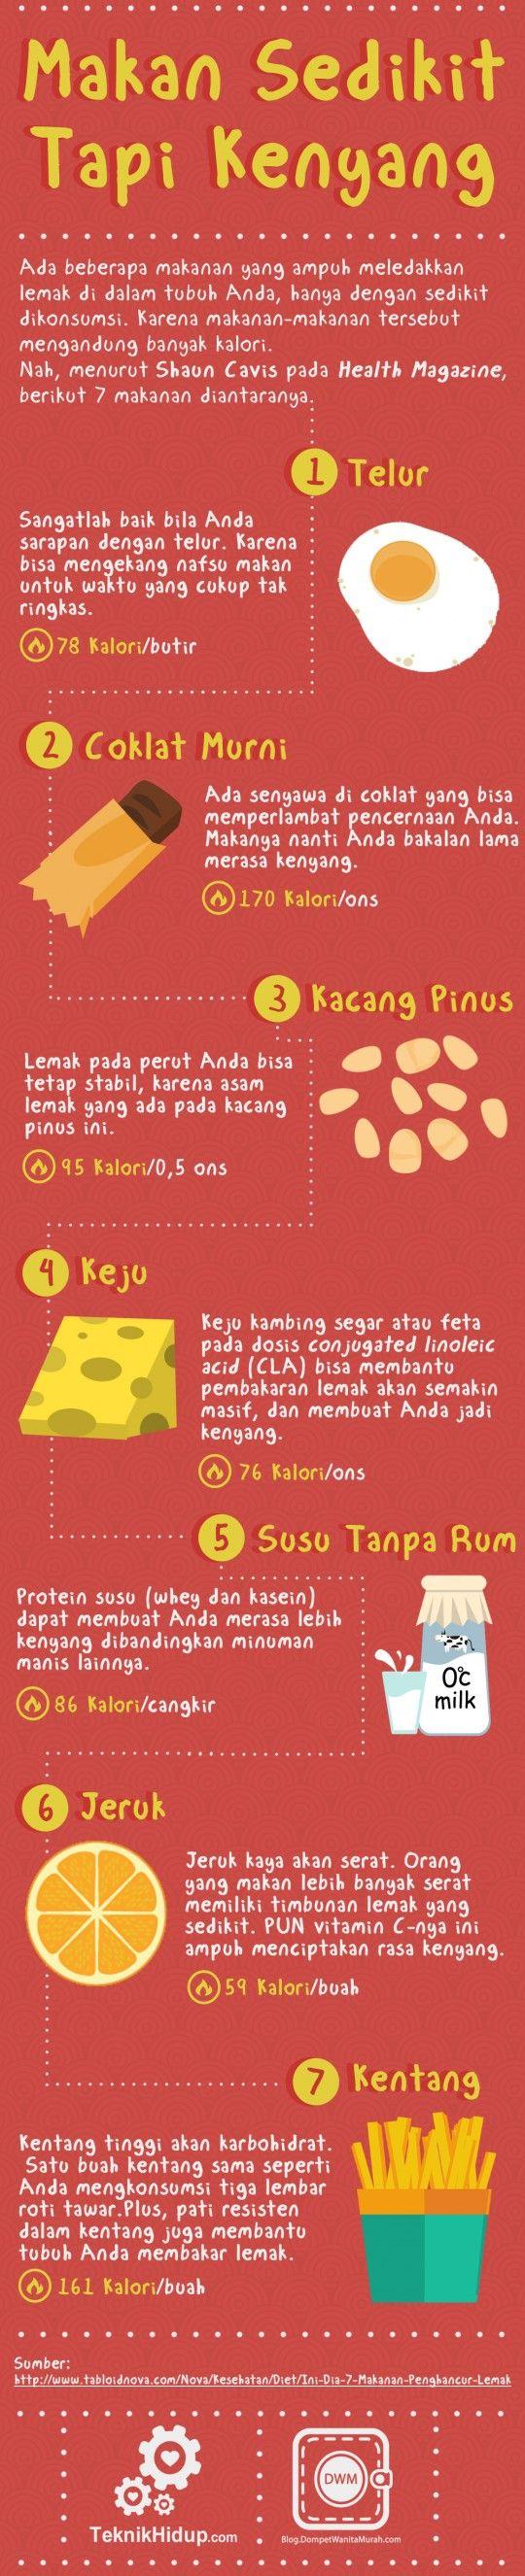 """7 Makanan Penghancur Lemak, yang Membuat Cepat Kenyang Hanya Sedikit """"Gigit"""": http://www.teknikhidup.com/2014/08/makanan-banyak-kalori-cepat-kenyang-infographic.html"""